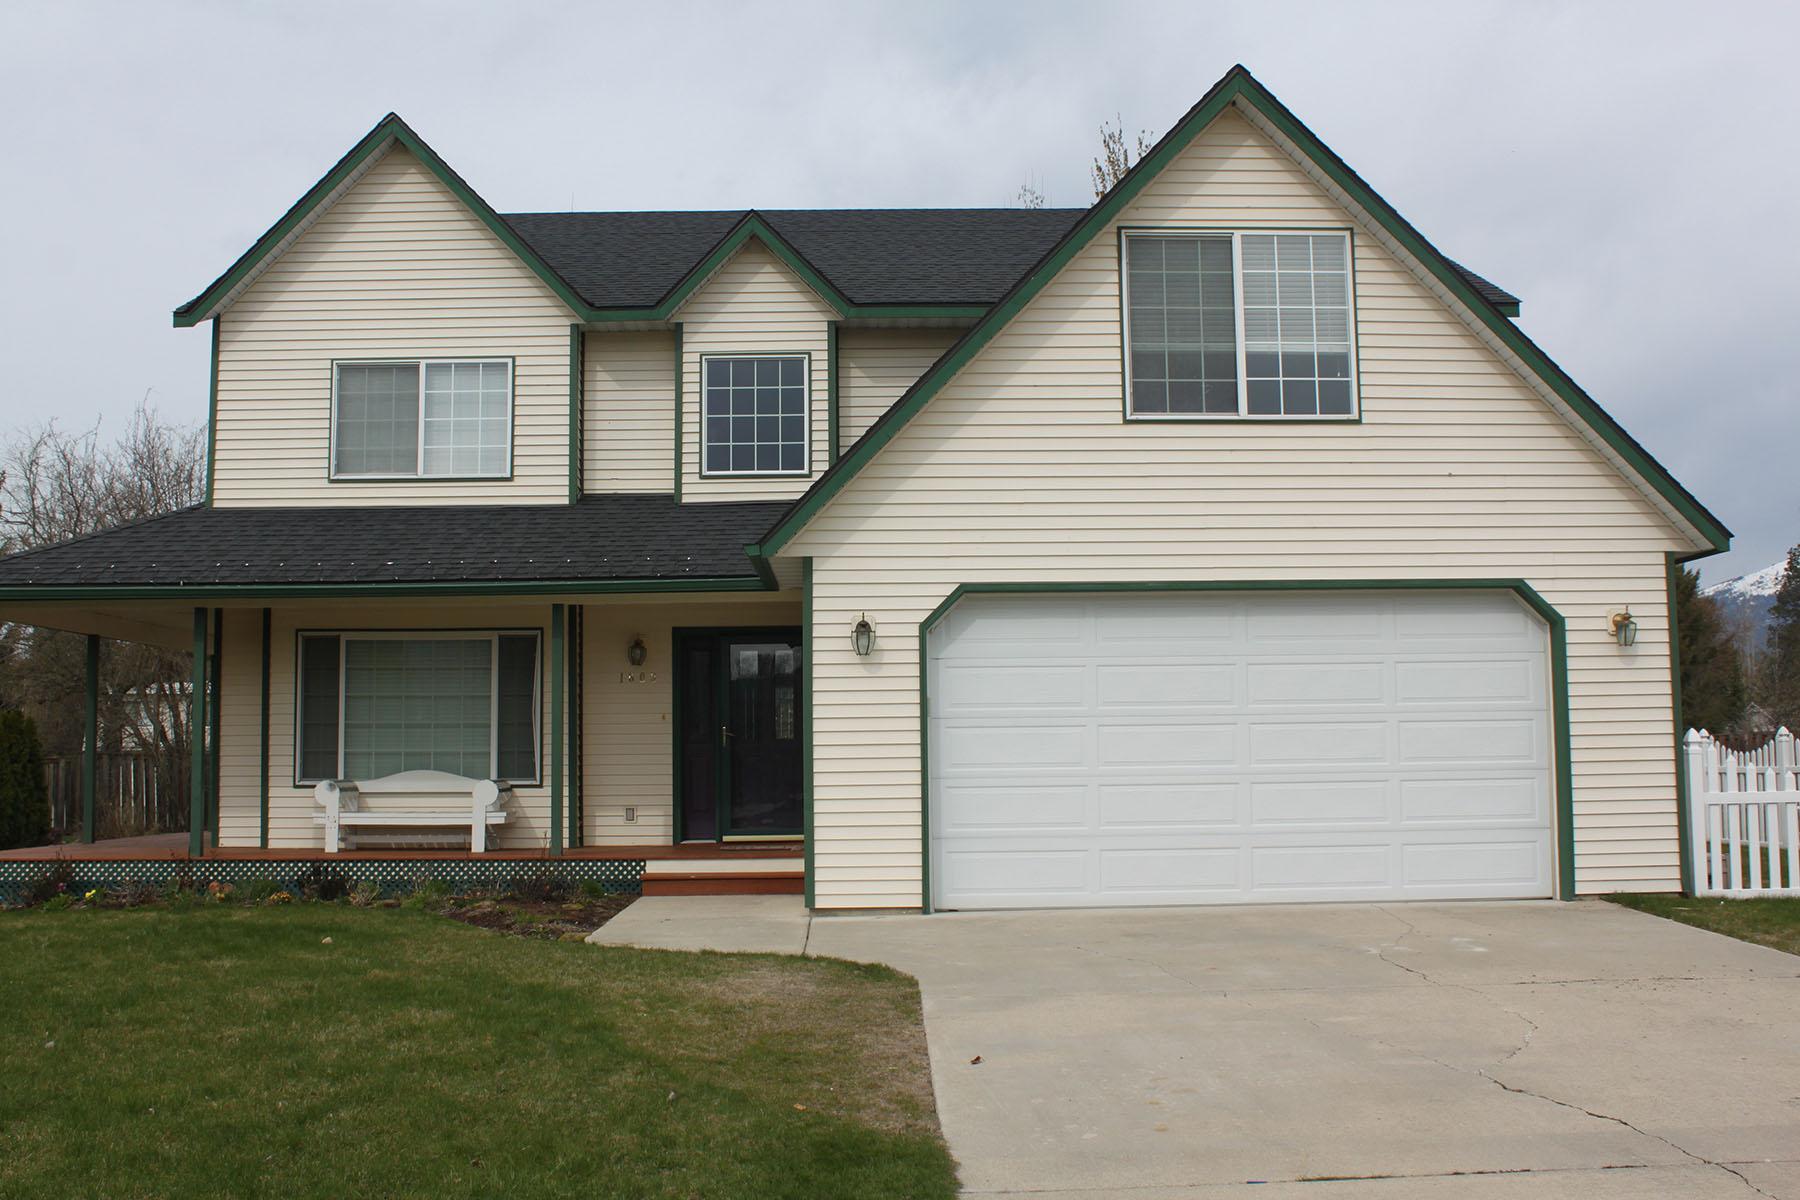 Einfamilienhaus für Verkauf beim South Sandpoint Waterfront Community 1603 Northshore Dr Sandpoint, Idaho, 83864 Vereinigte Staaten